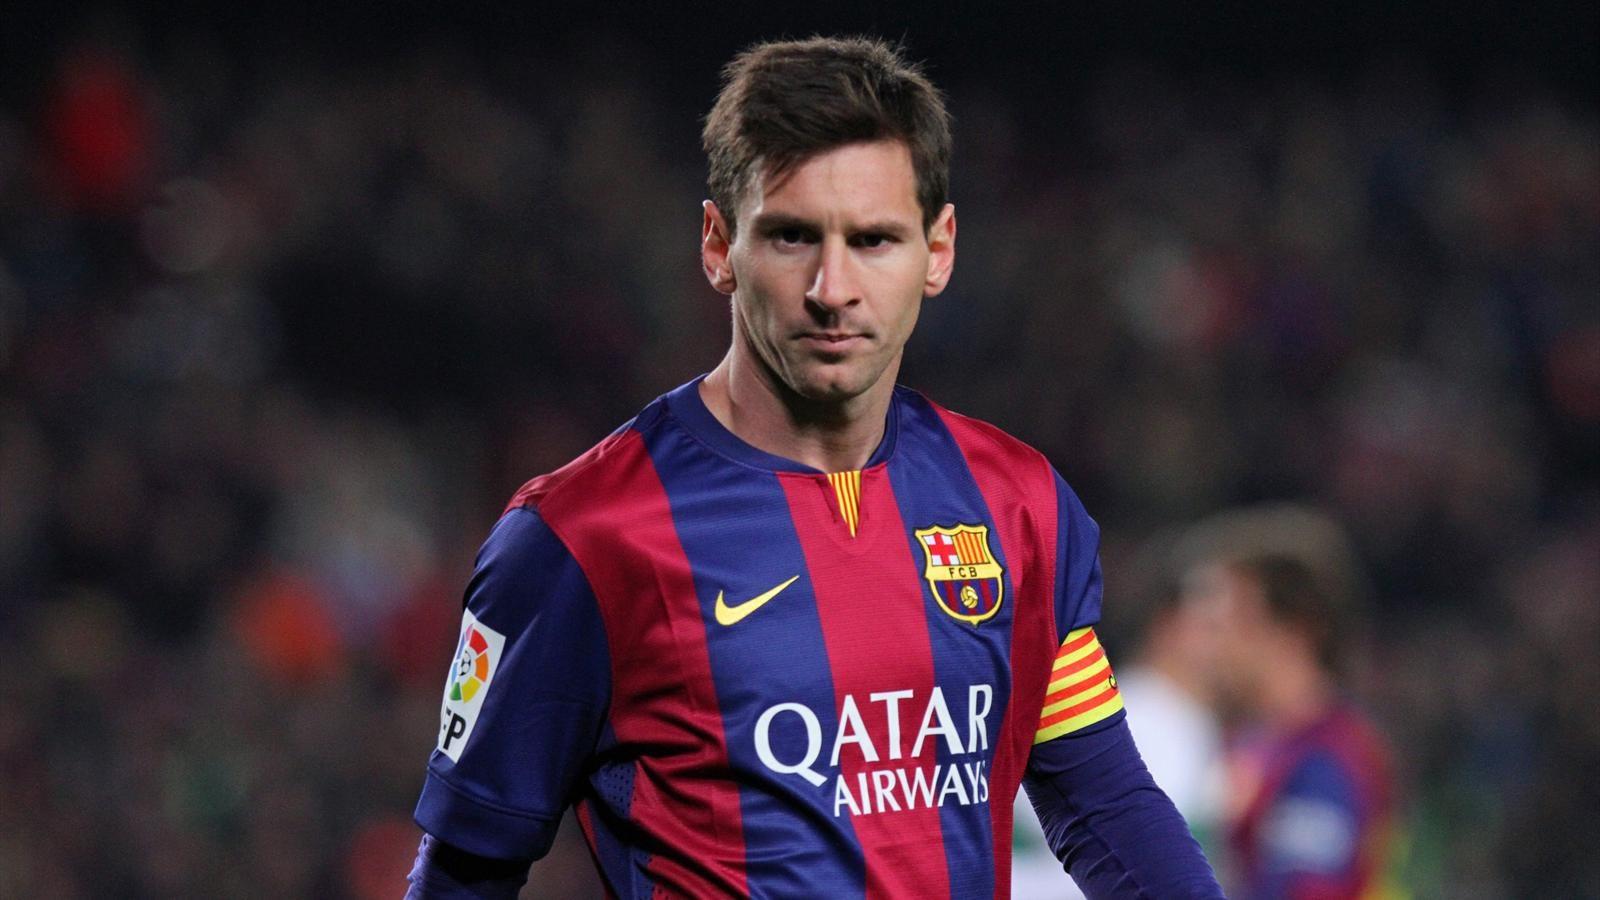 FIFA : Lionel Messi remporte le Ballon d'Or 2015